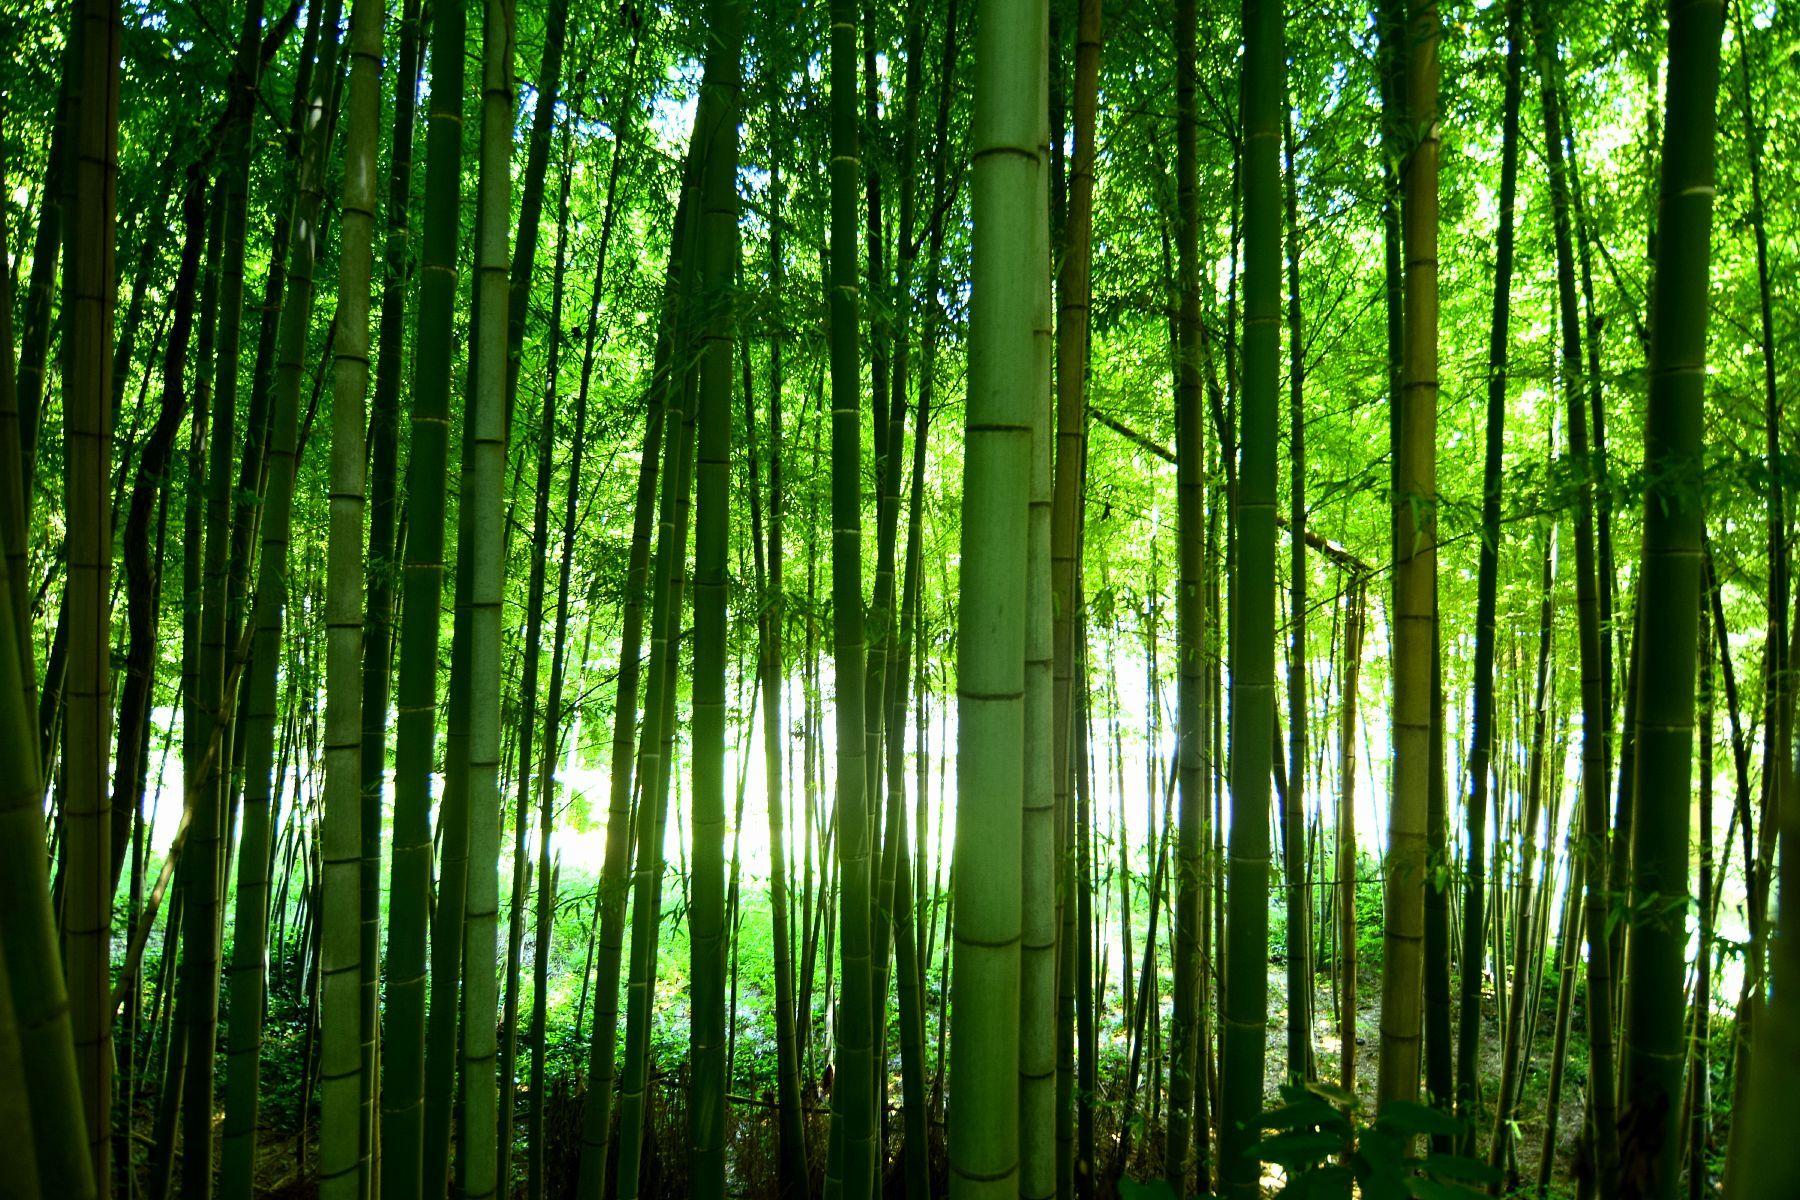 「初夏の竹林」(市川市国府台) Bamboo Grove in the early summer / Konodai,Ichikawa city,Japan